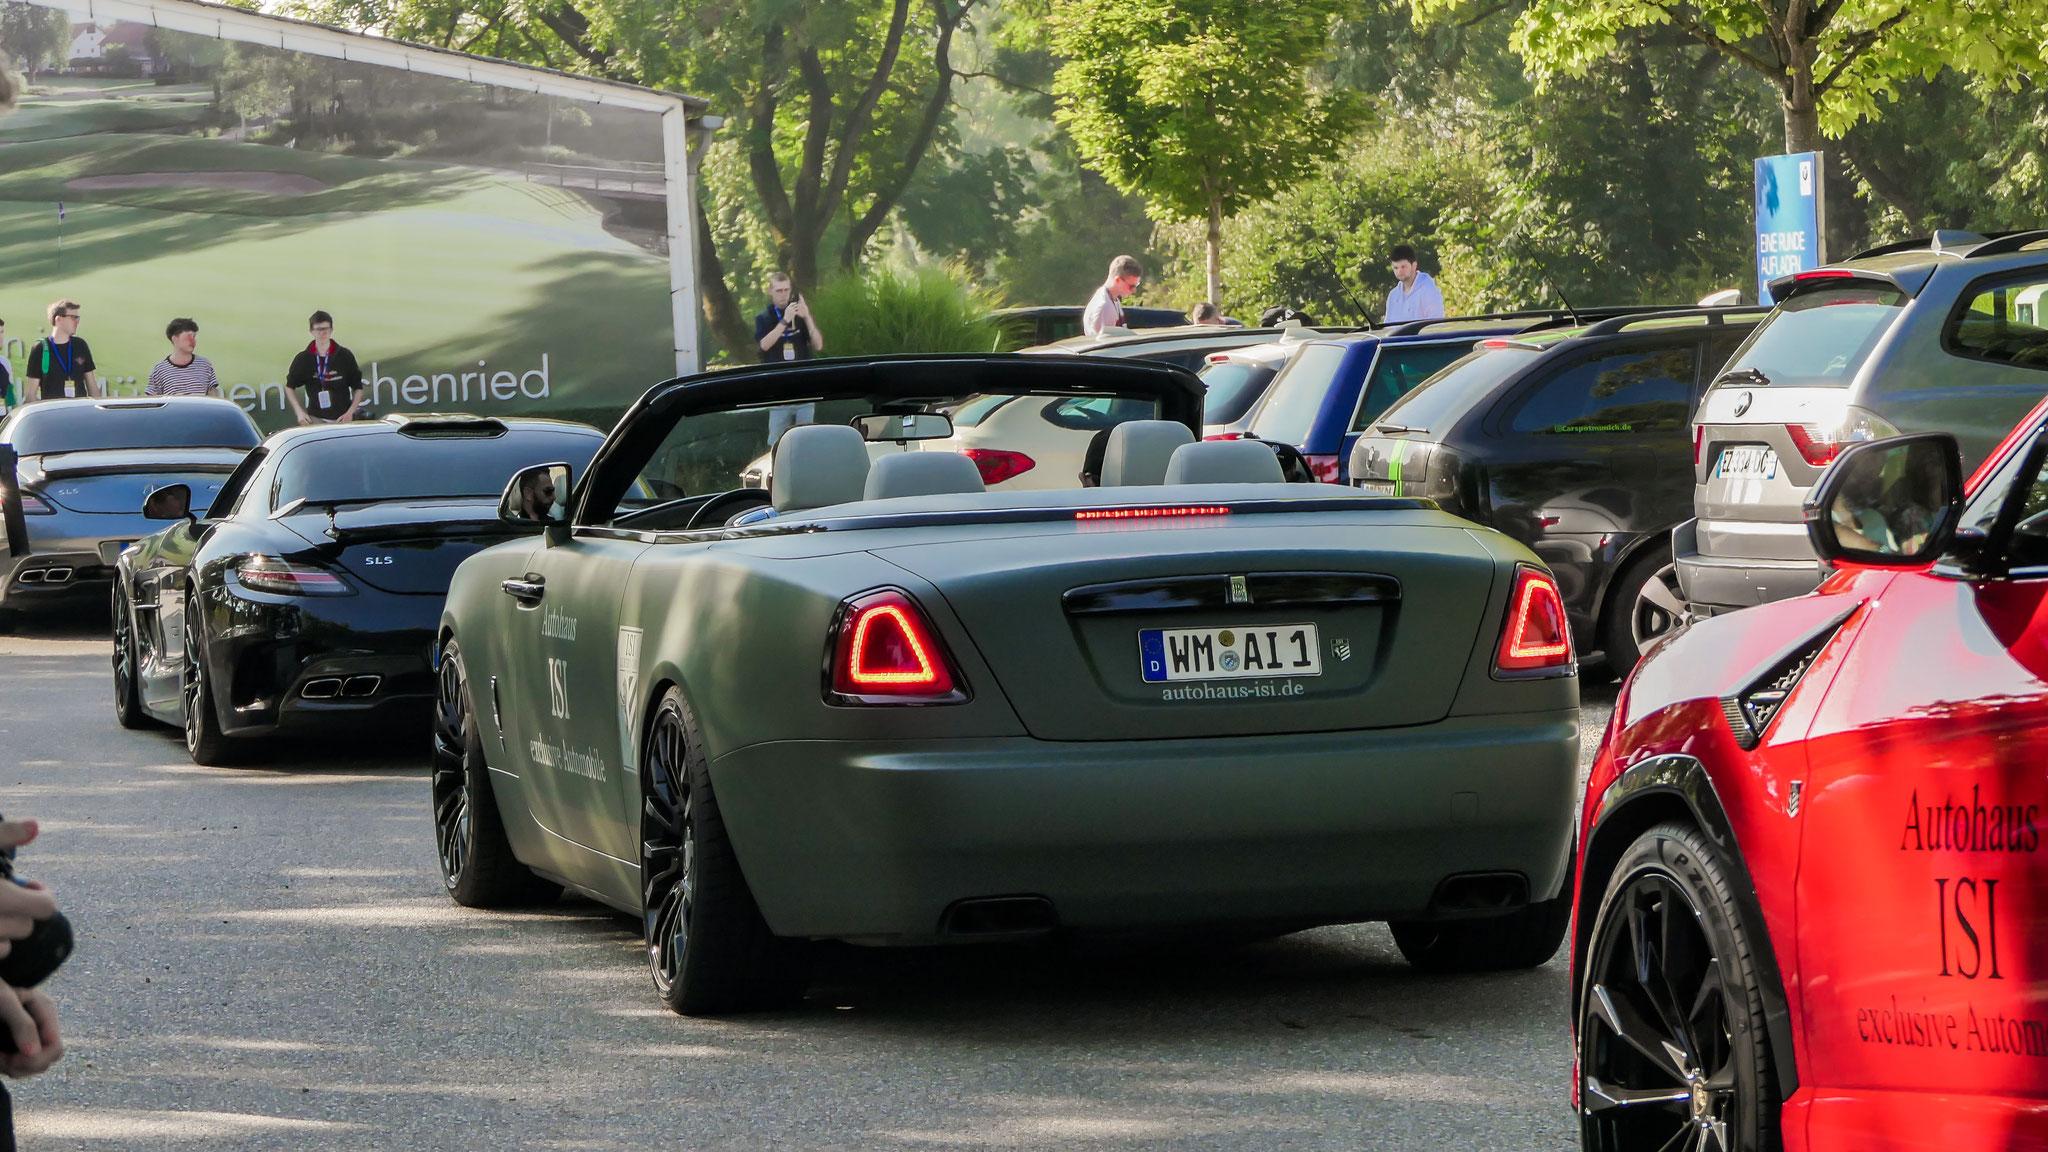 Rolls Royce Dawn - WM-AI-1